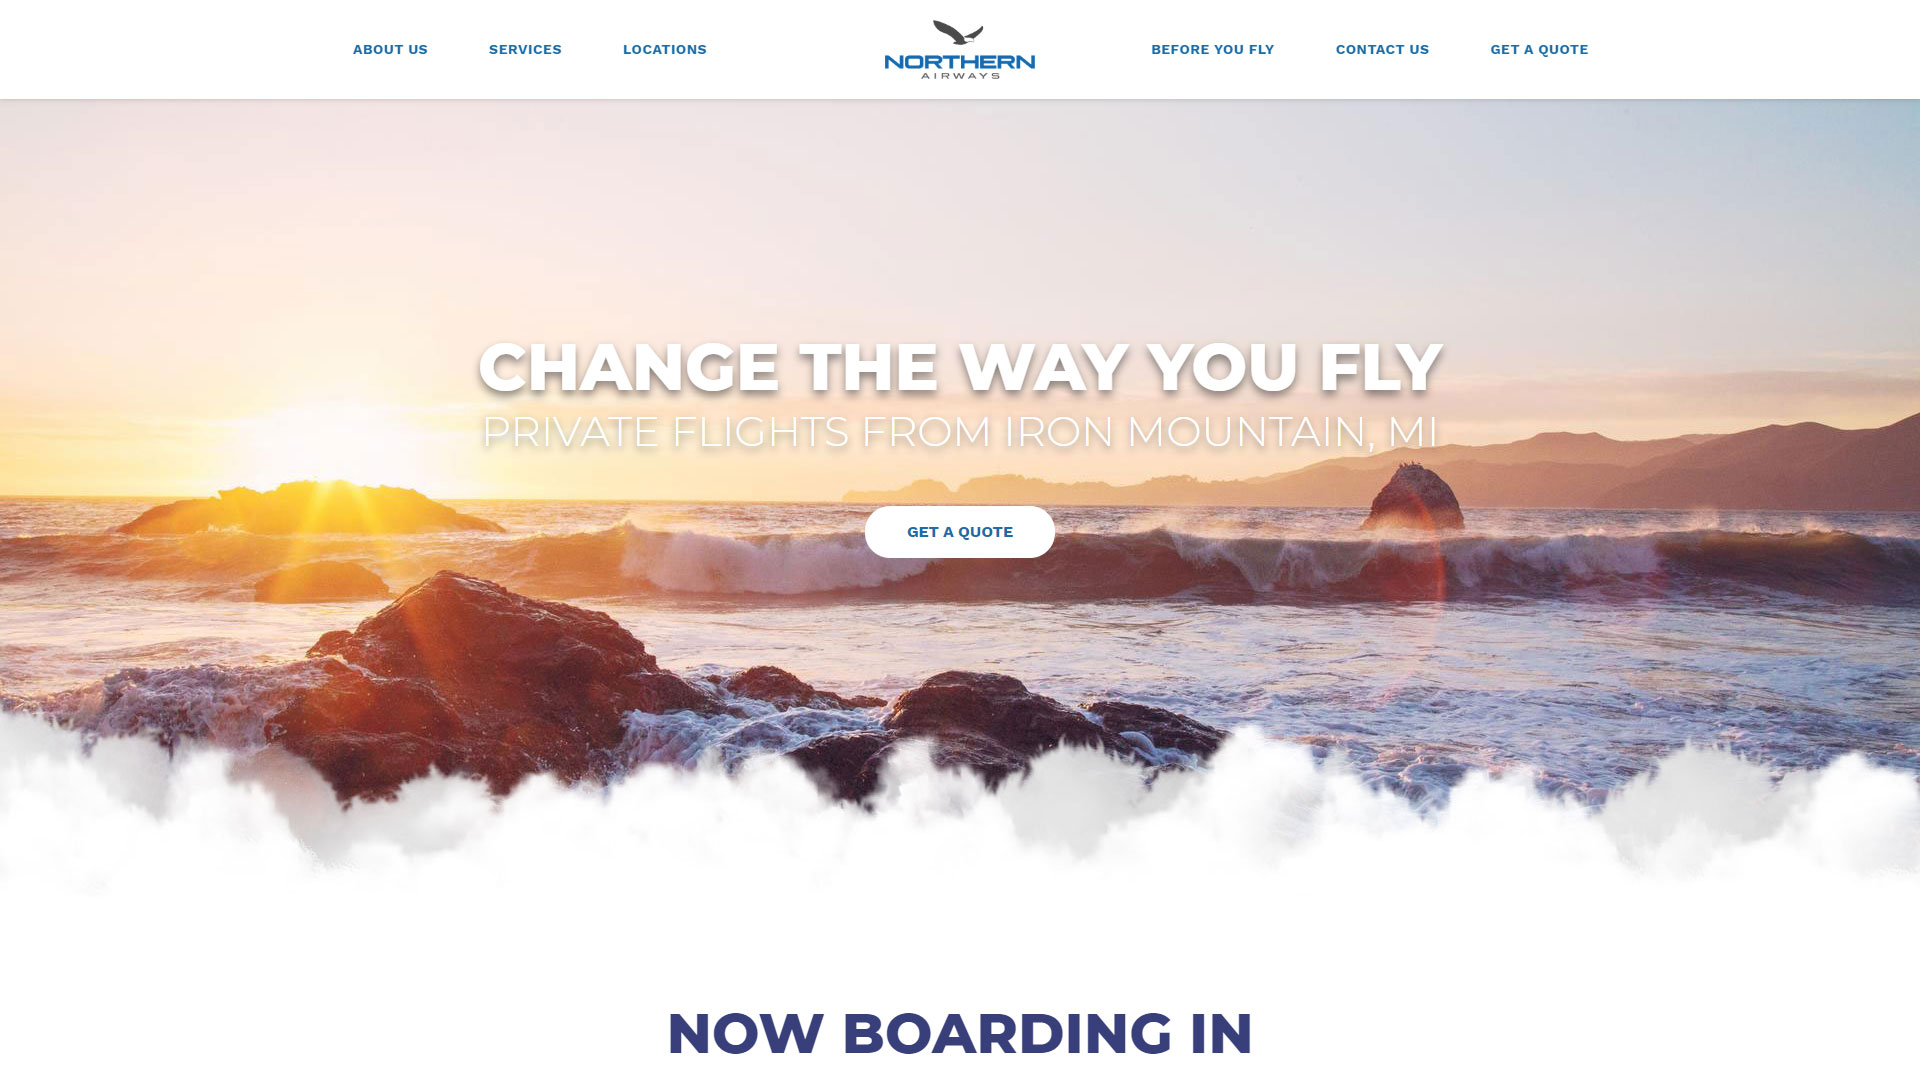 fly-northern-airways